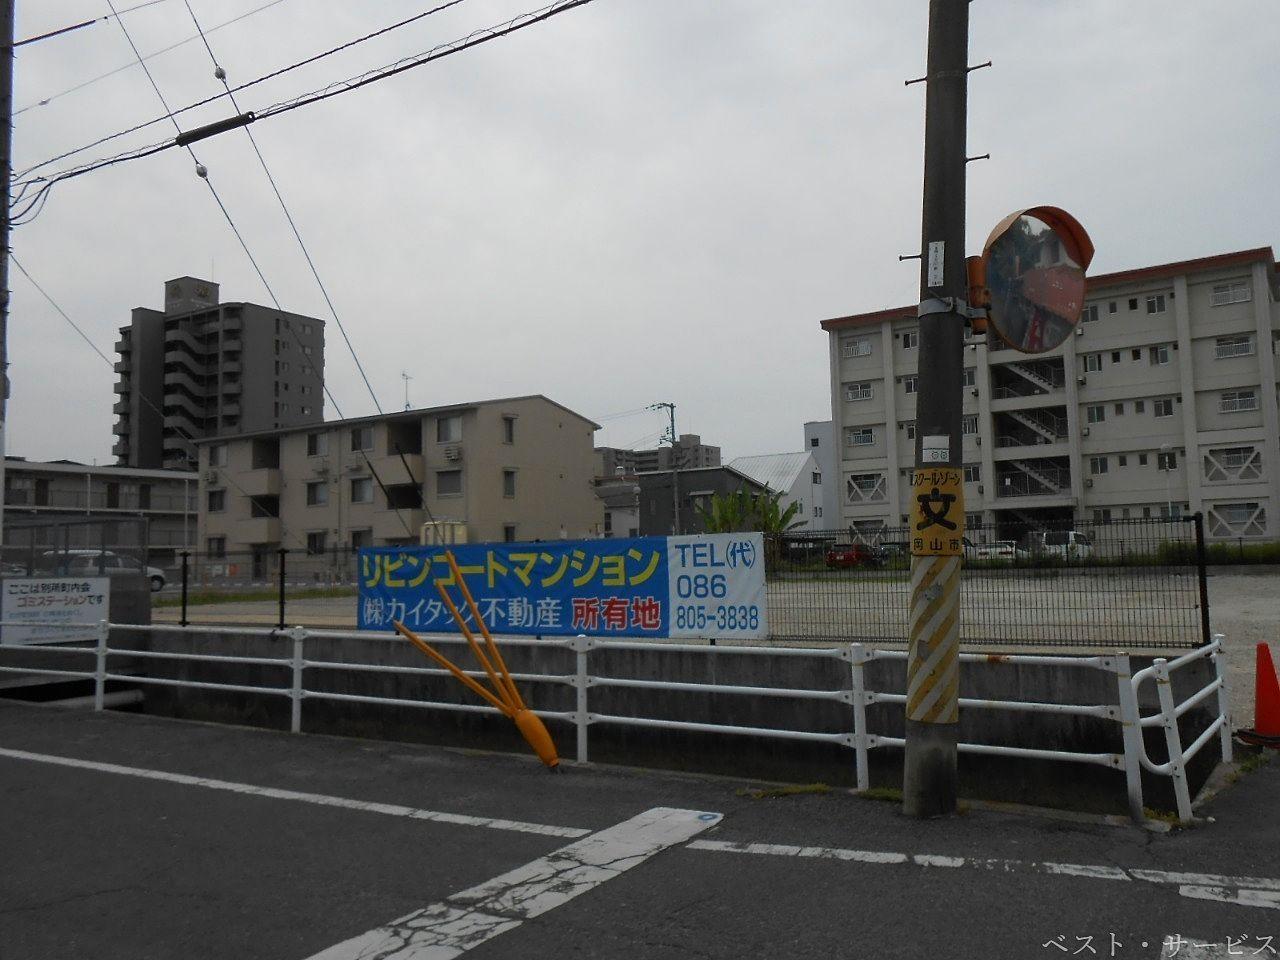 京山の麓/池田動物園の300m東/尾針神社の100m東